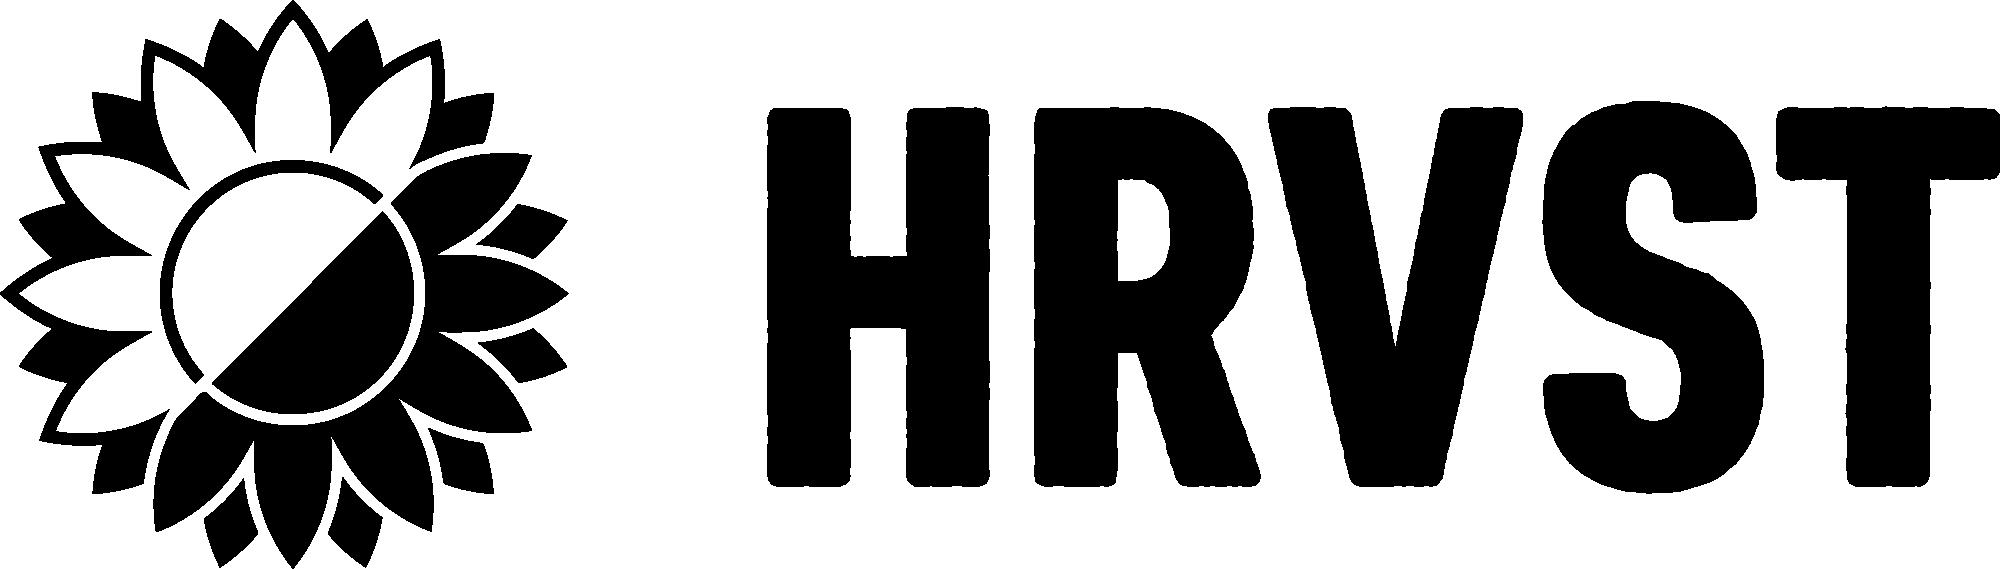 hrvst-logo2.png